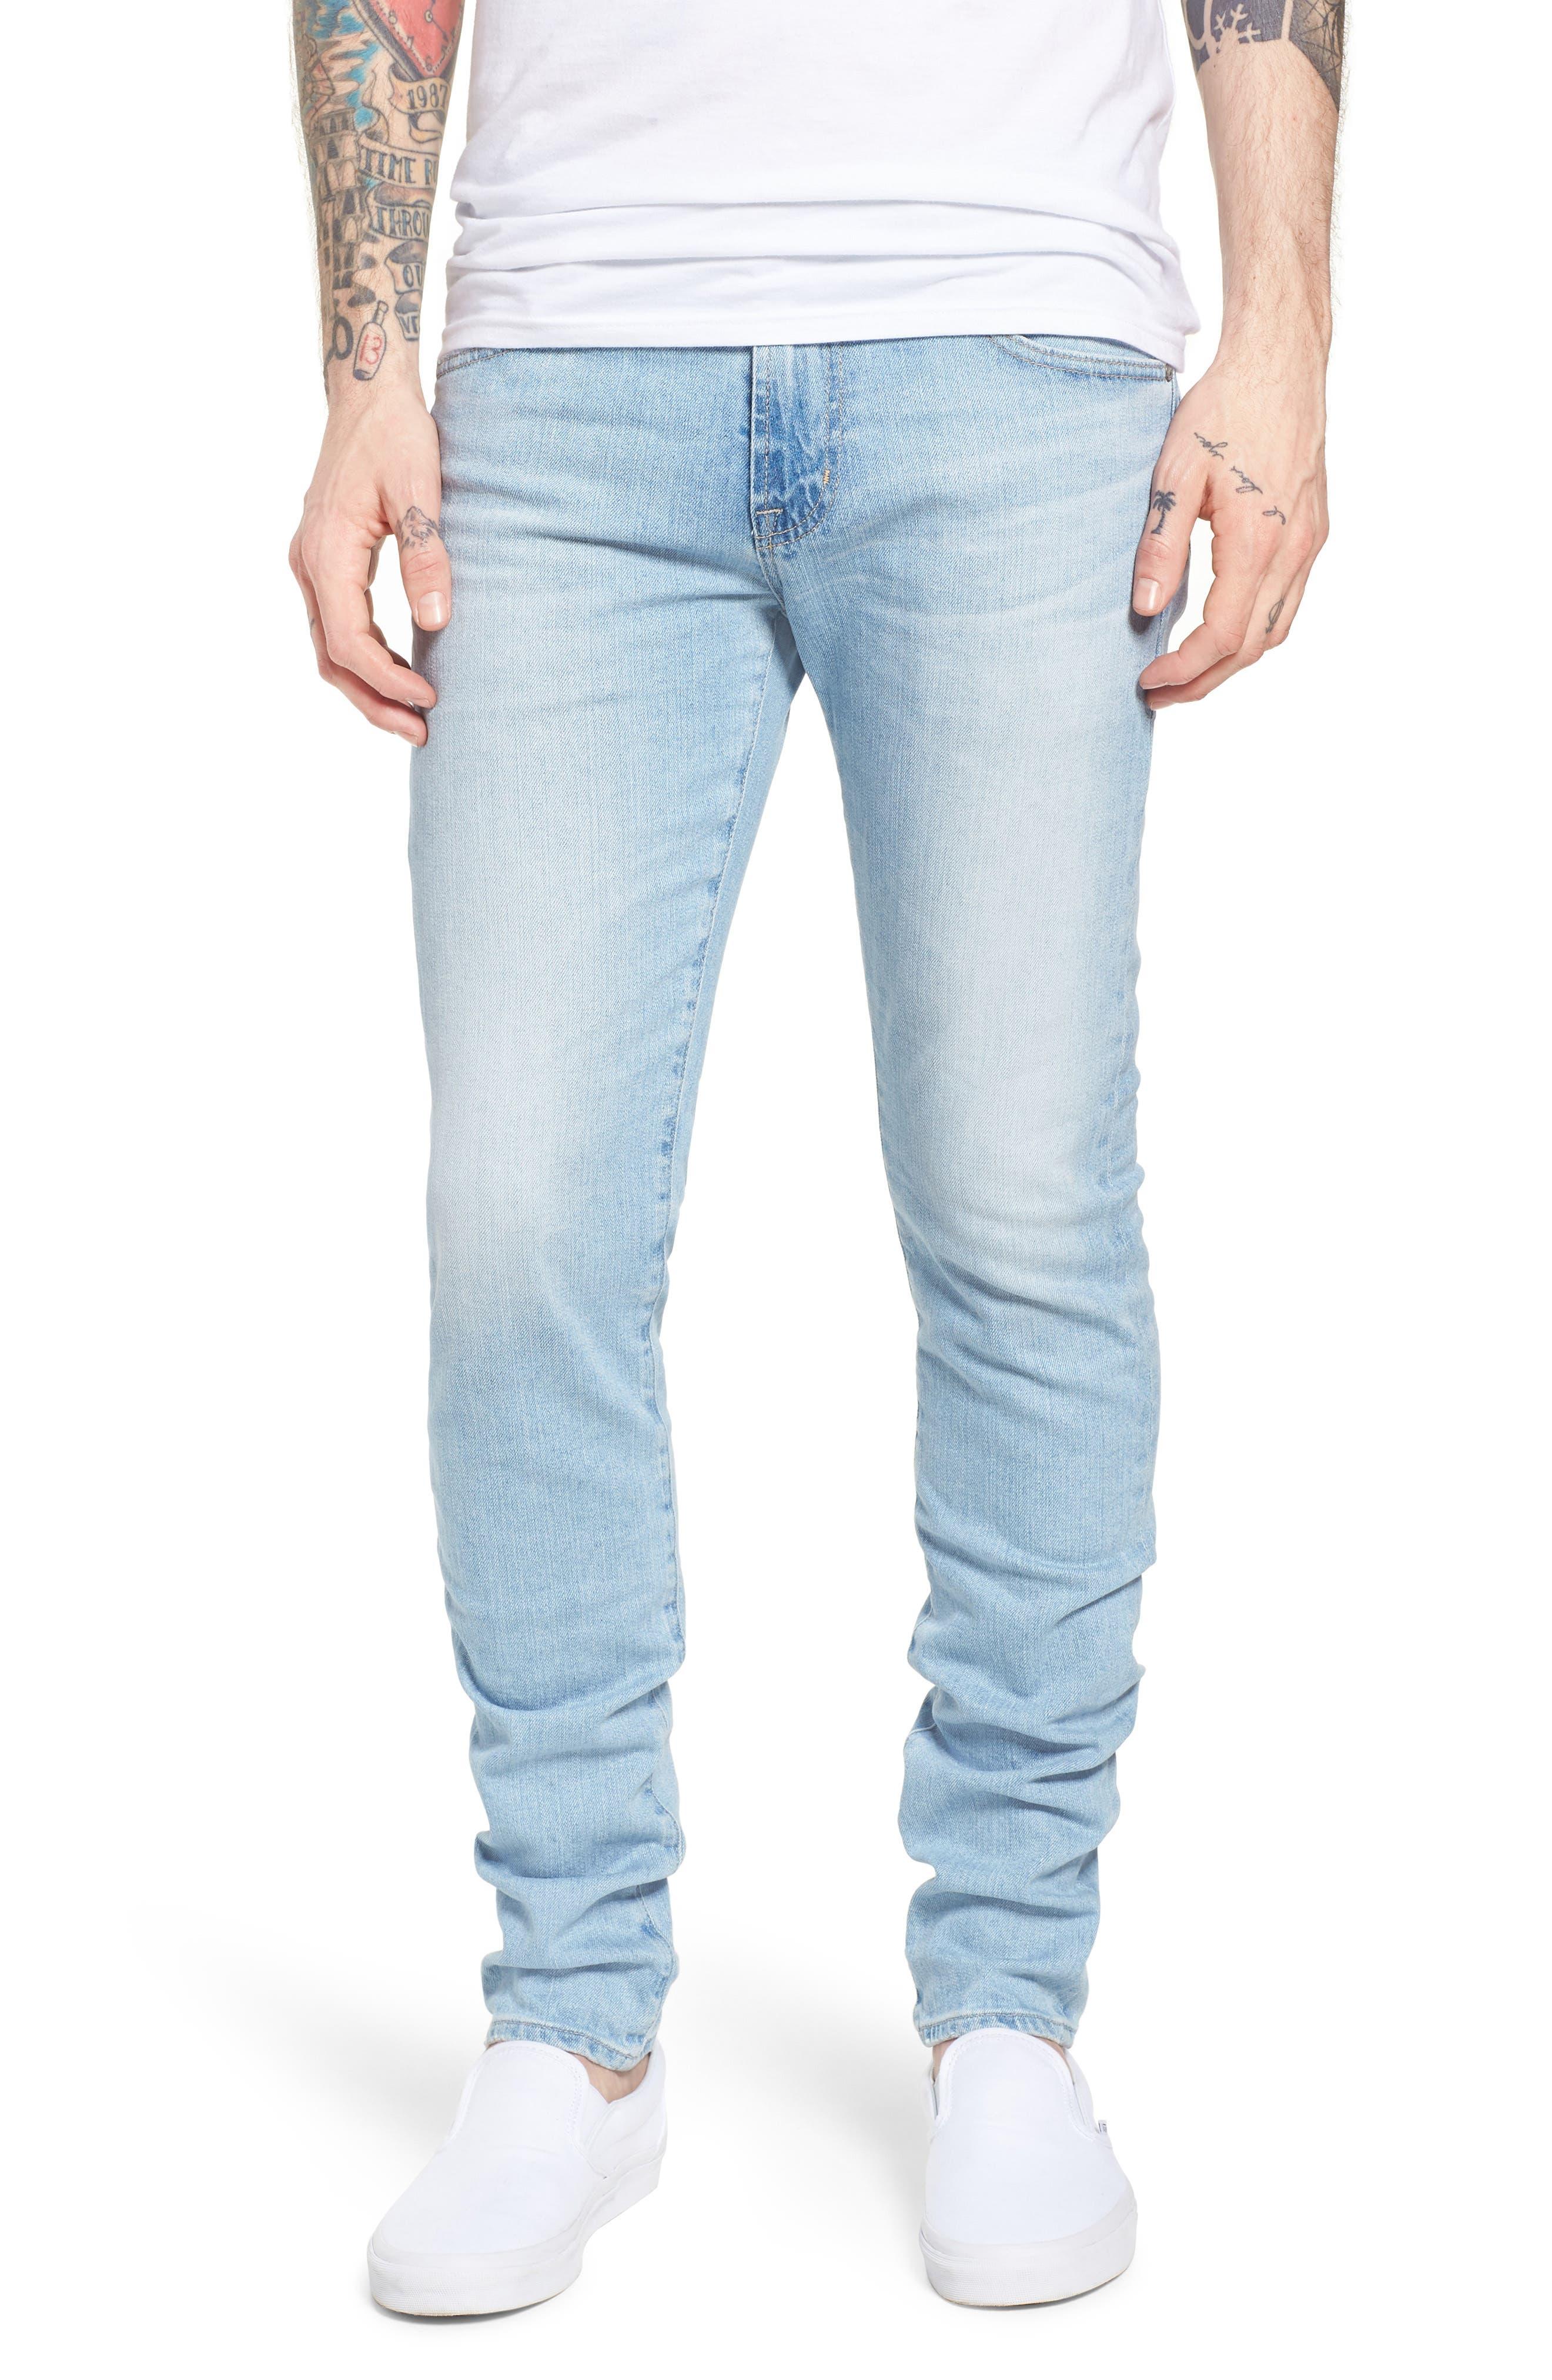 Stockton Skinny Fit Jeans,                             Main thumbnail 1, color,                             494